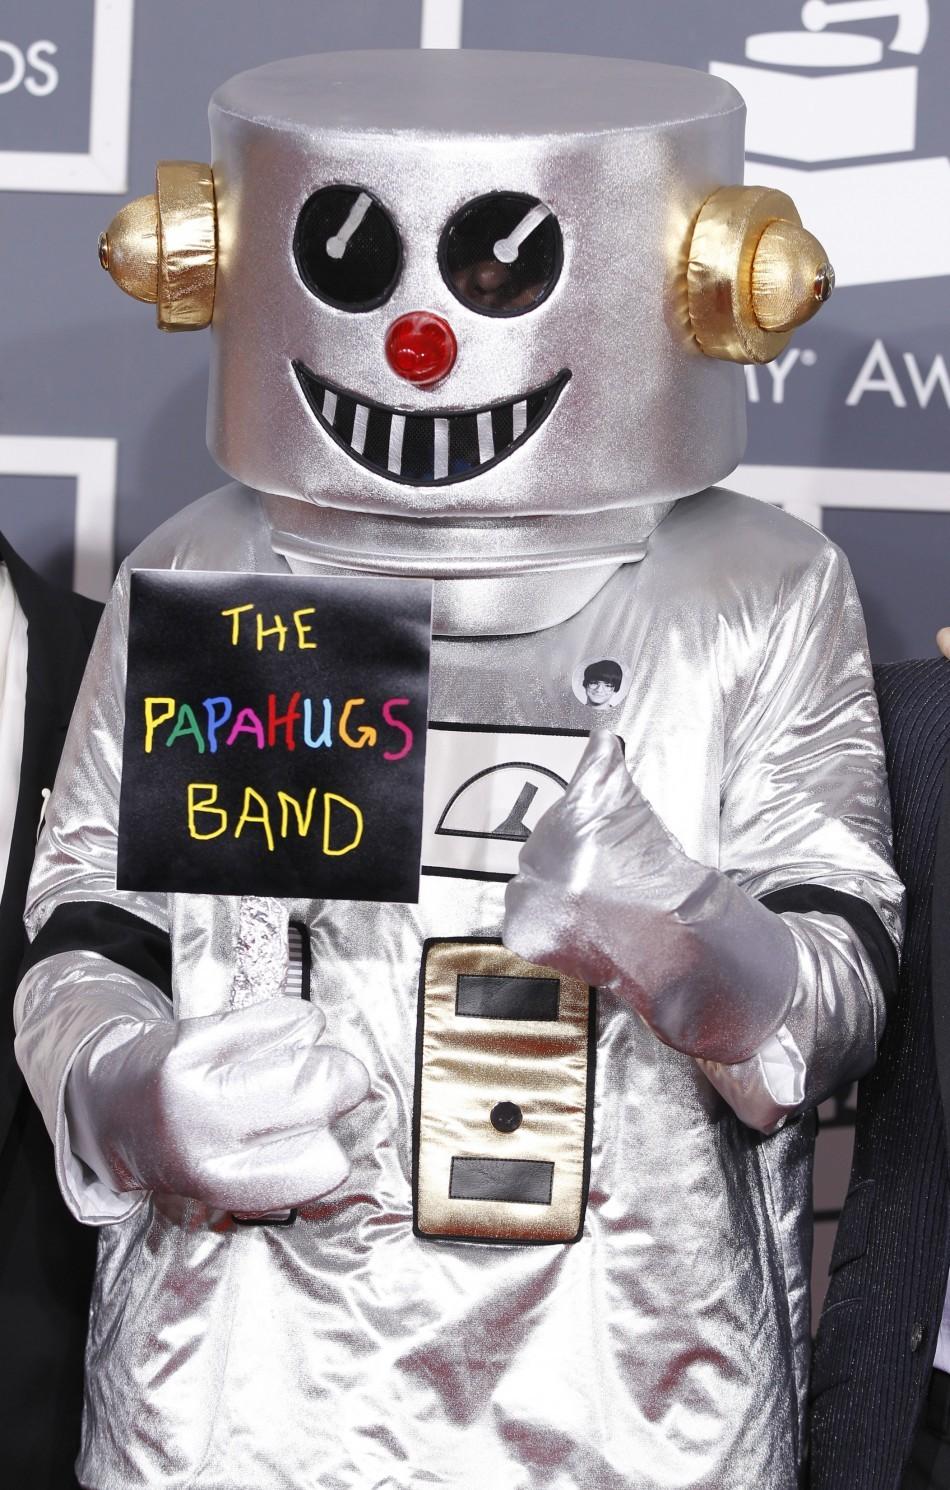 David Sharp, Papahugs Band